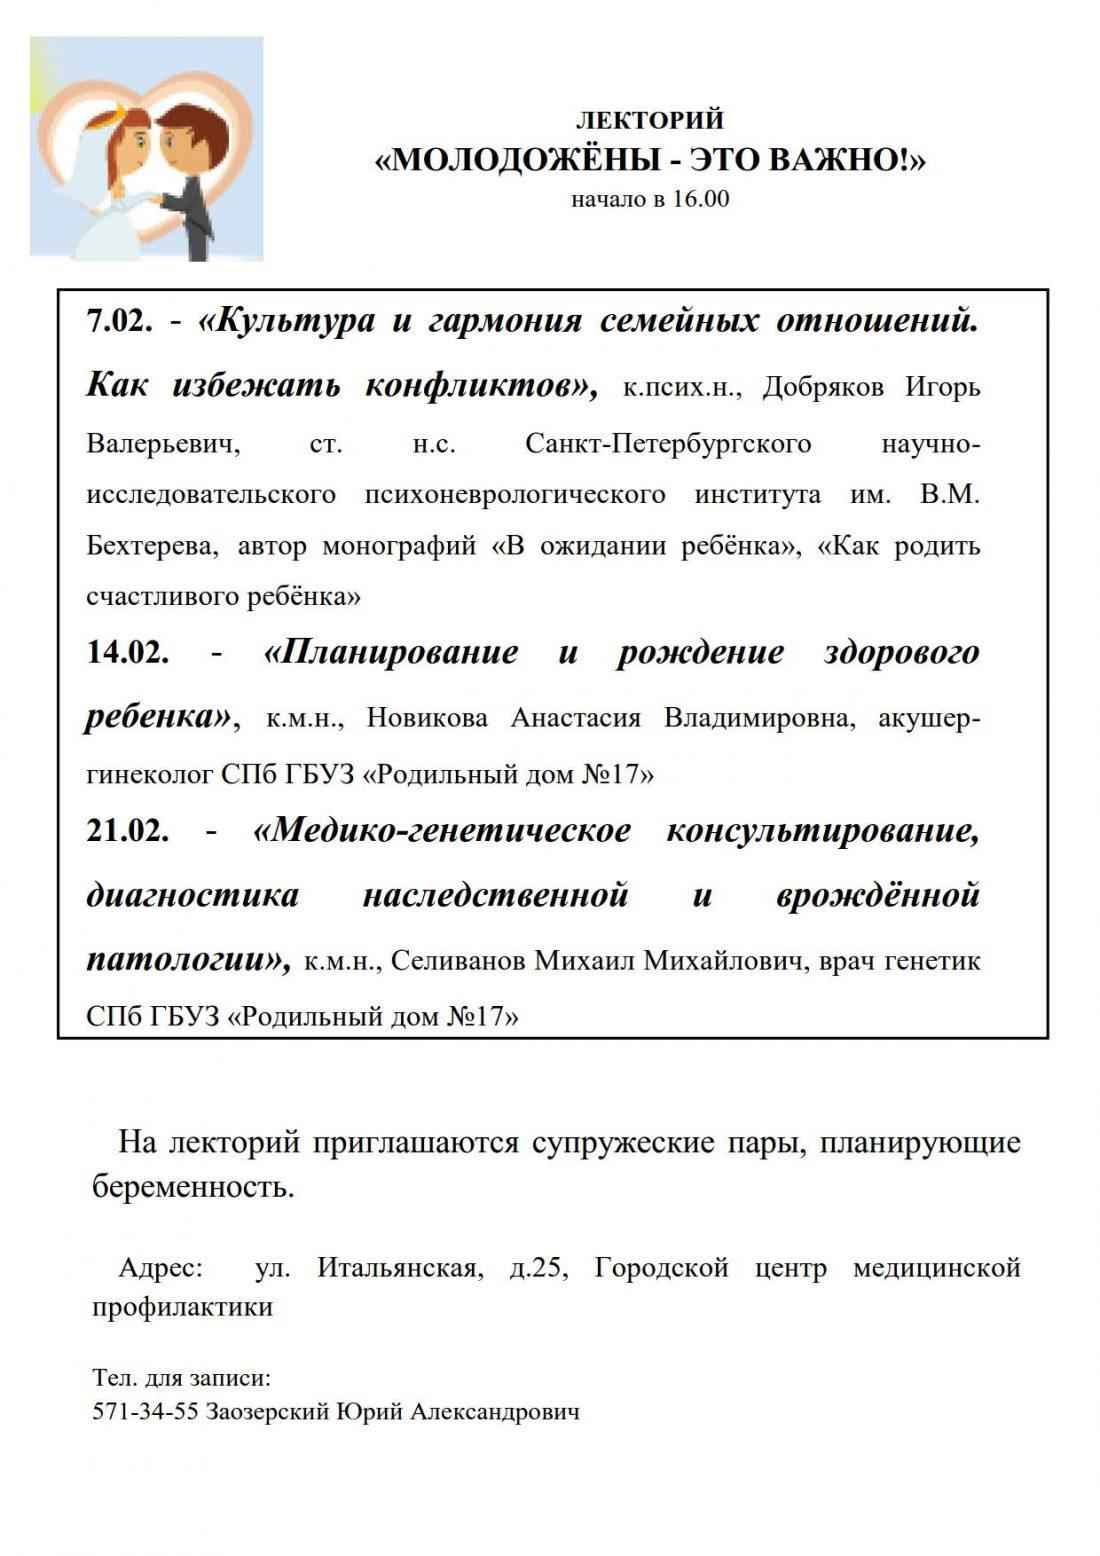 Программа_1